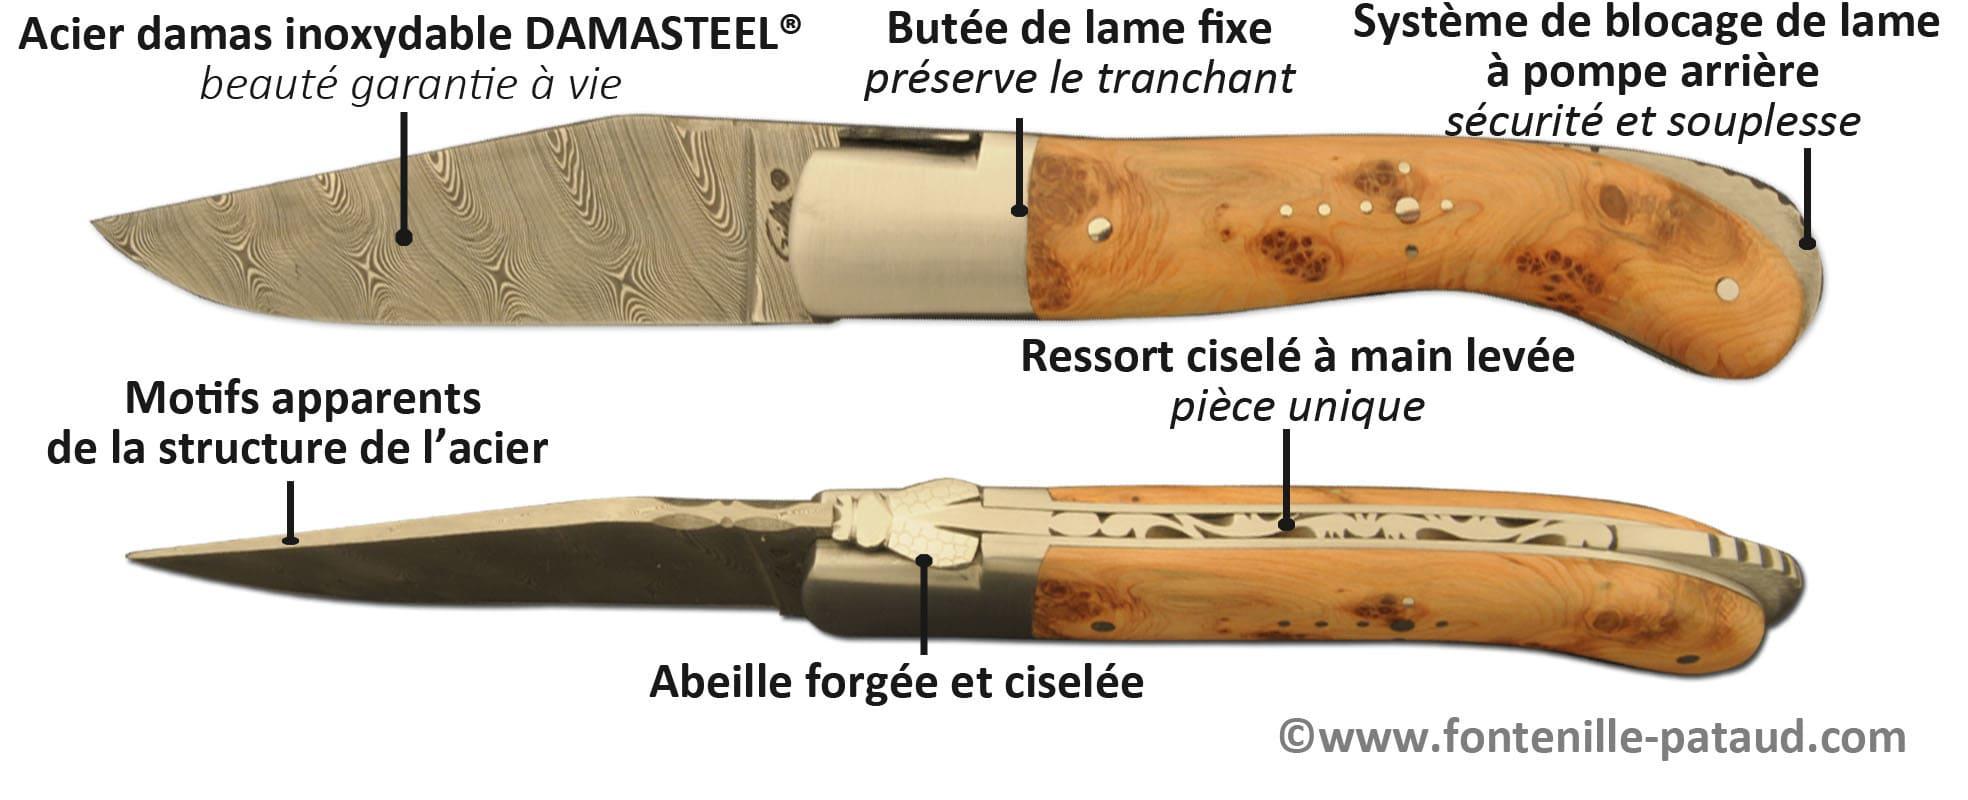 Couteau Laguiole sport 13 cm avec lame en acier damas inoxydable